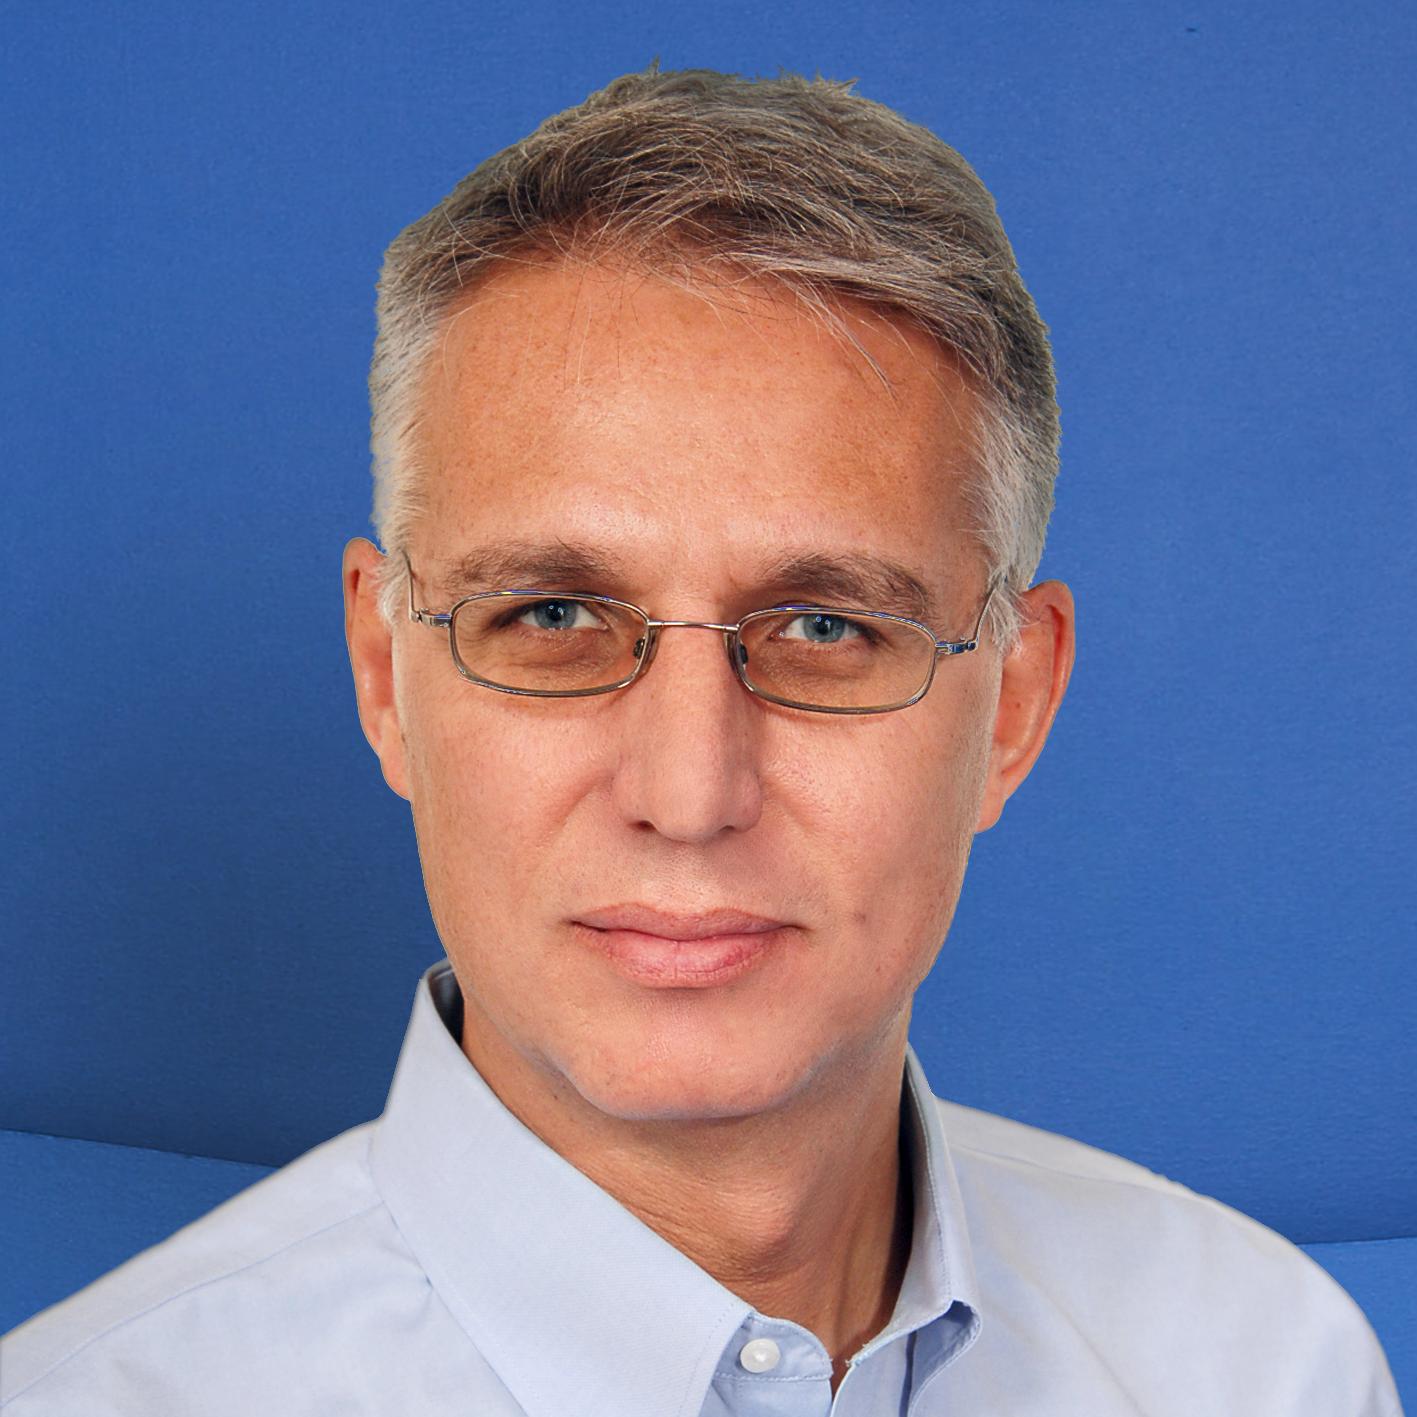 George Totev の顔写真